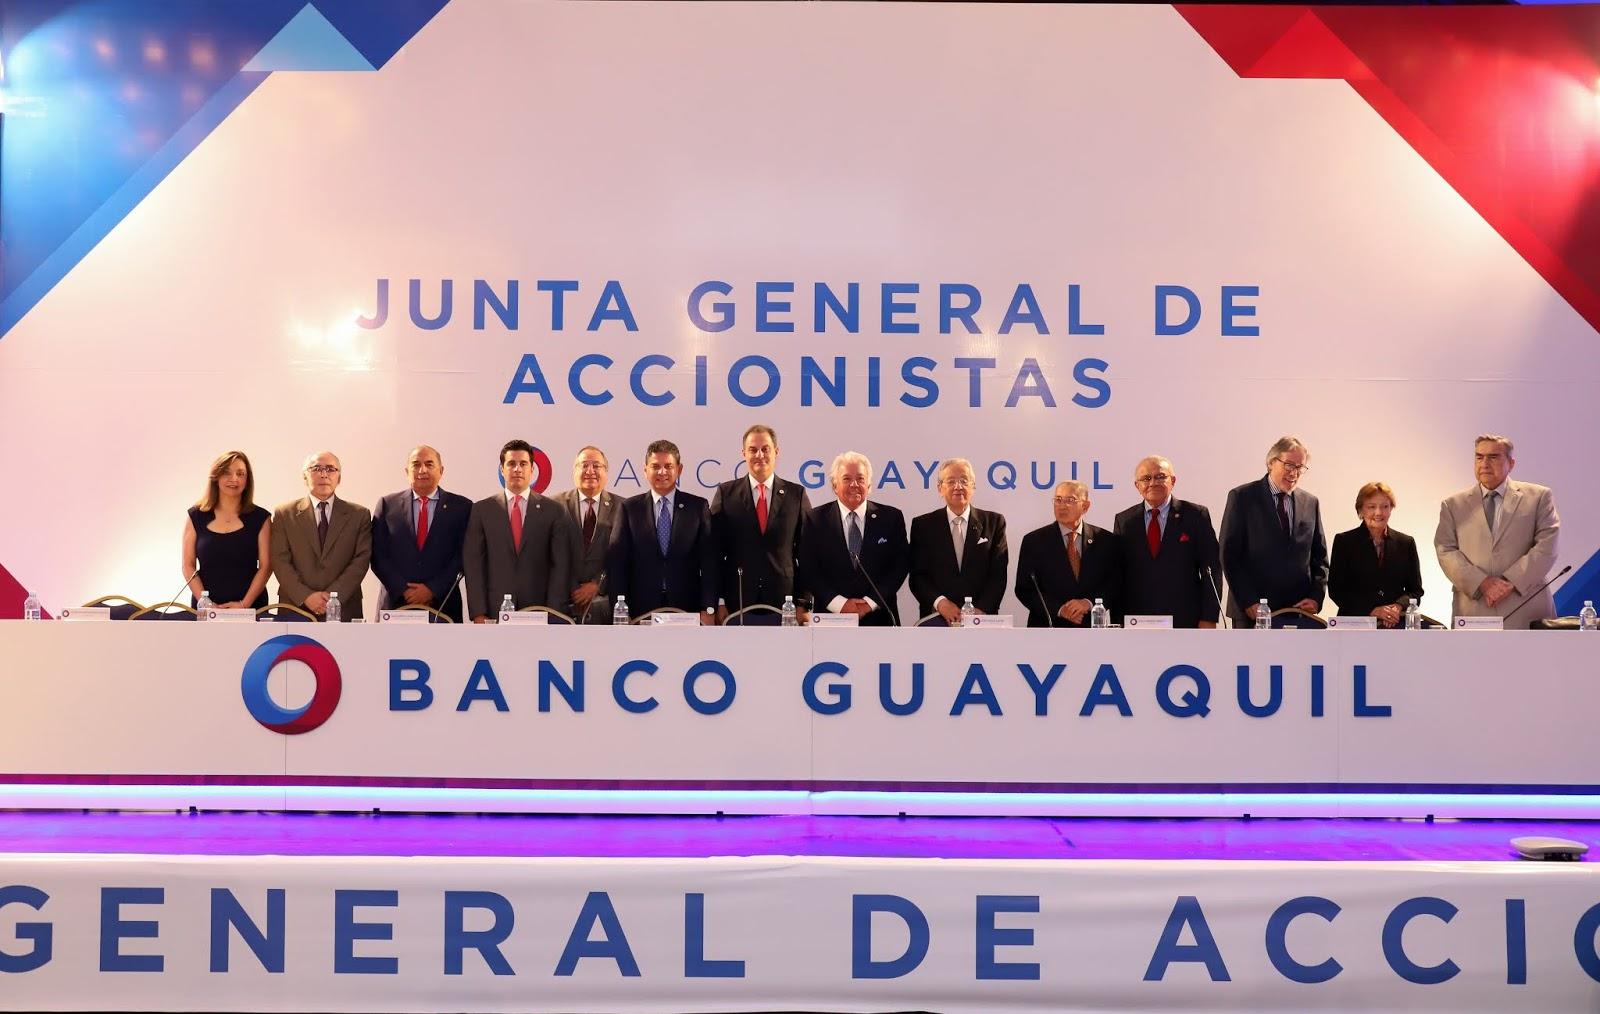 Junta de accionistas de Banco Guayaquil aprueba pago de dividendos a sus accionistas